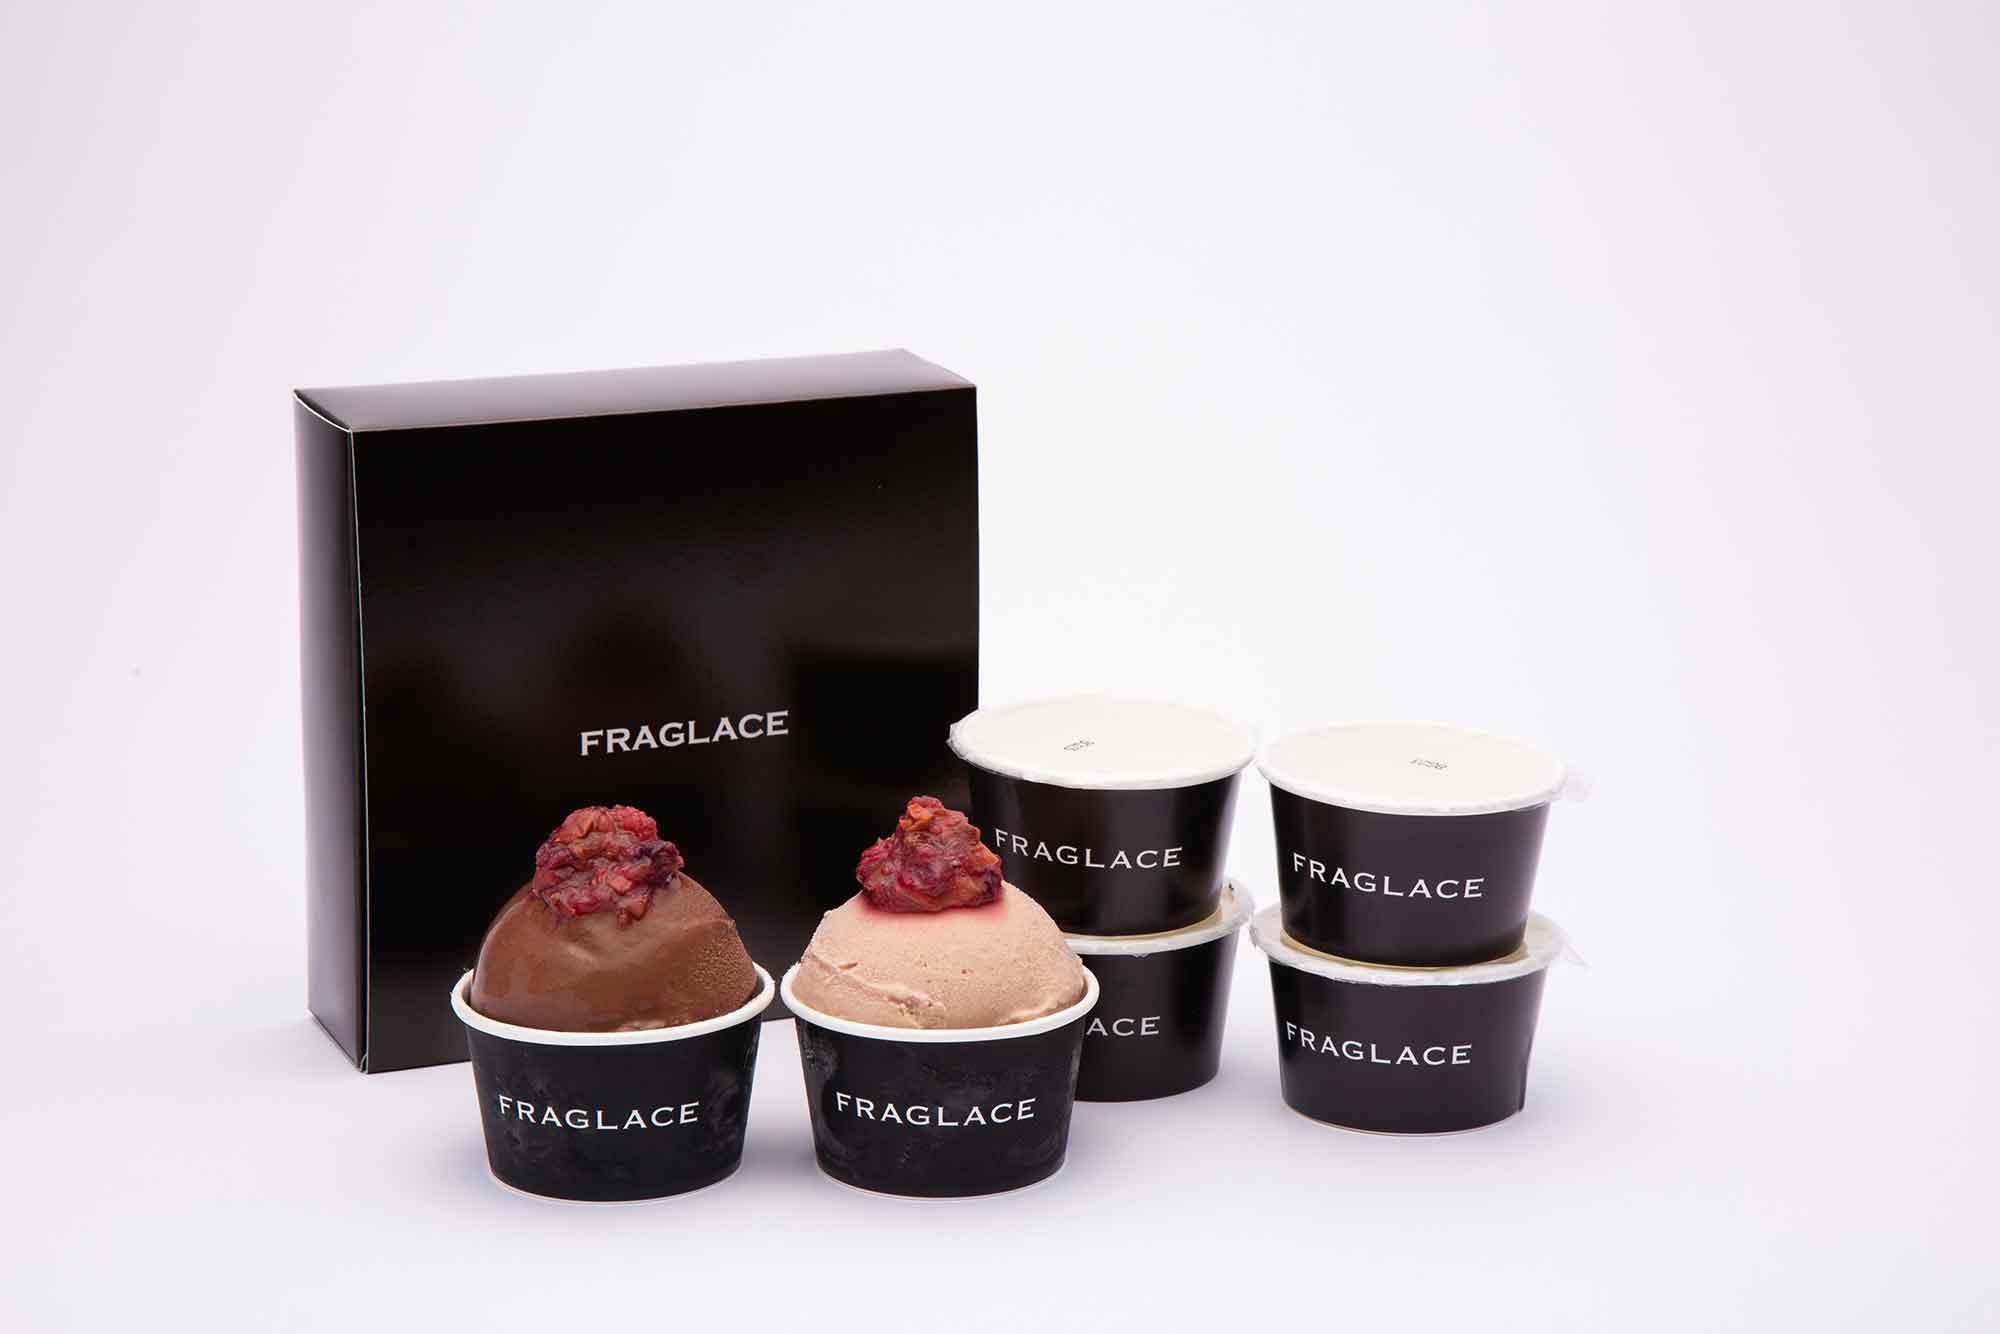 お取り寄せにおすすめの絶品アイス FRAGLACE バラのアイスクリーム